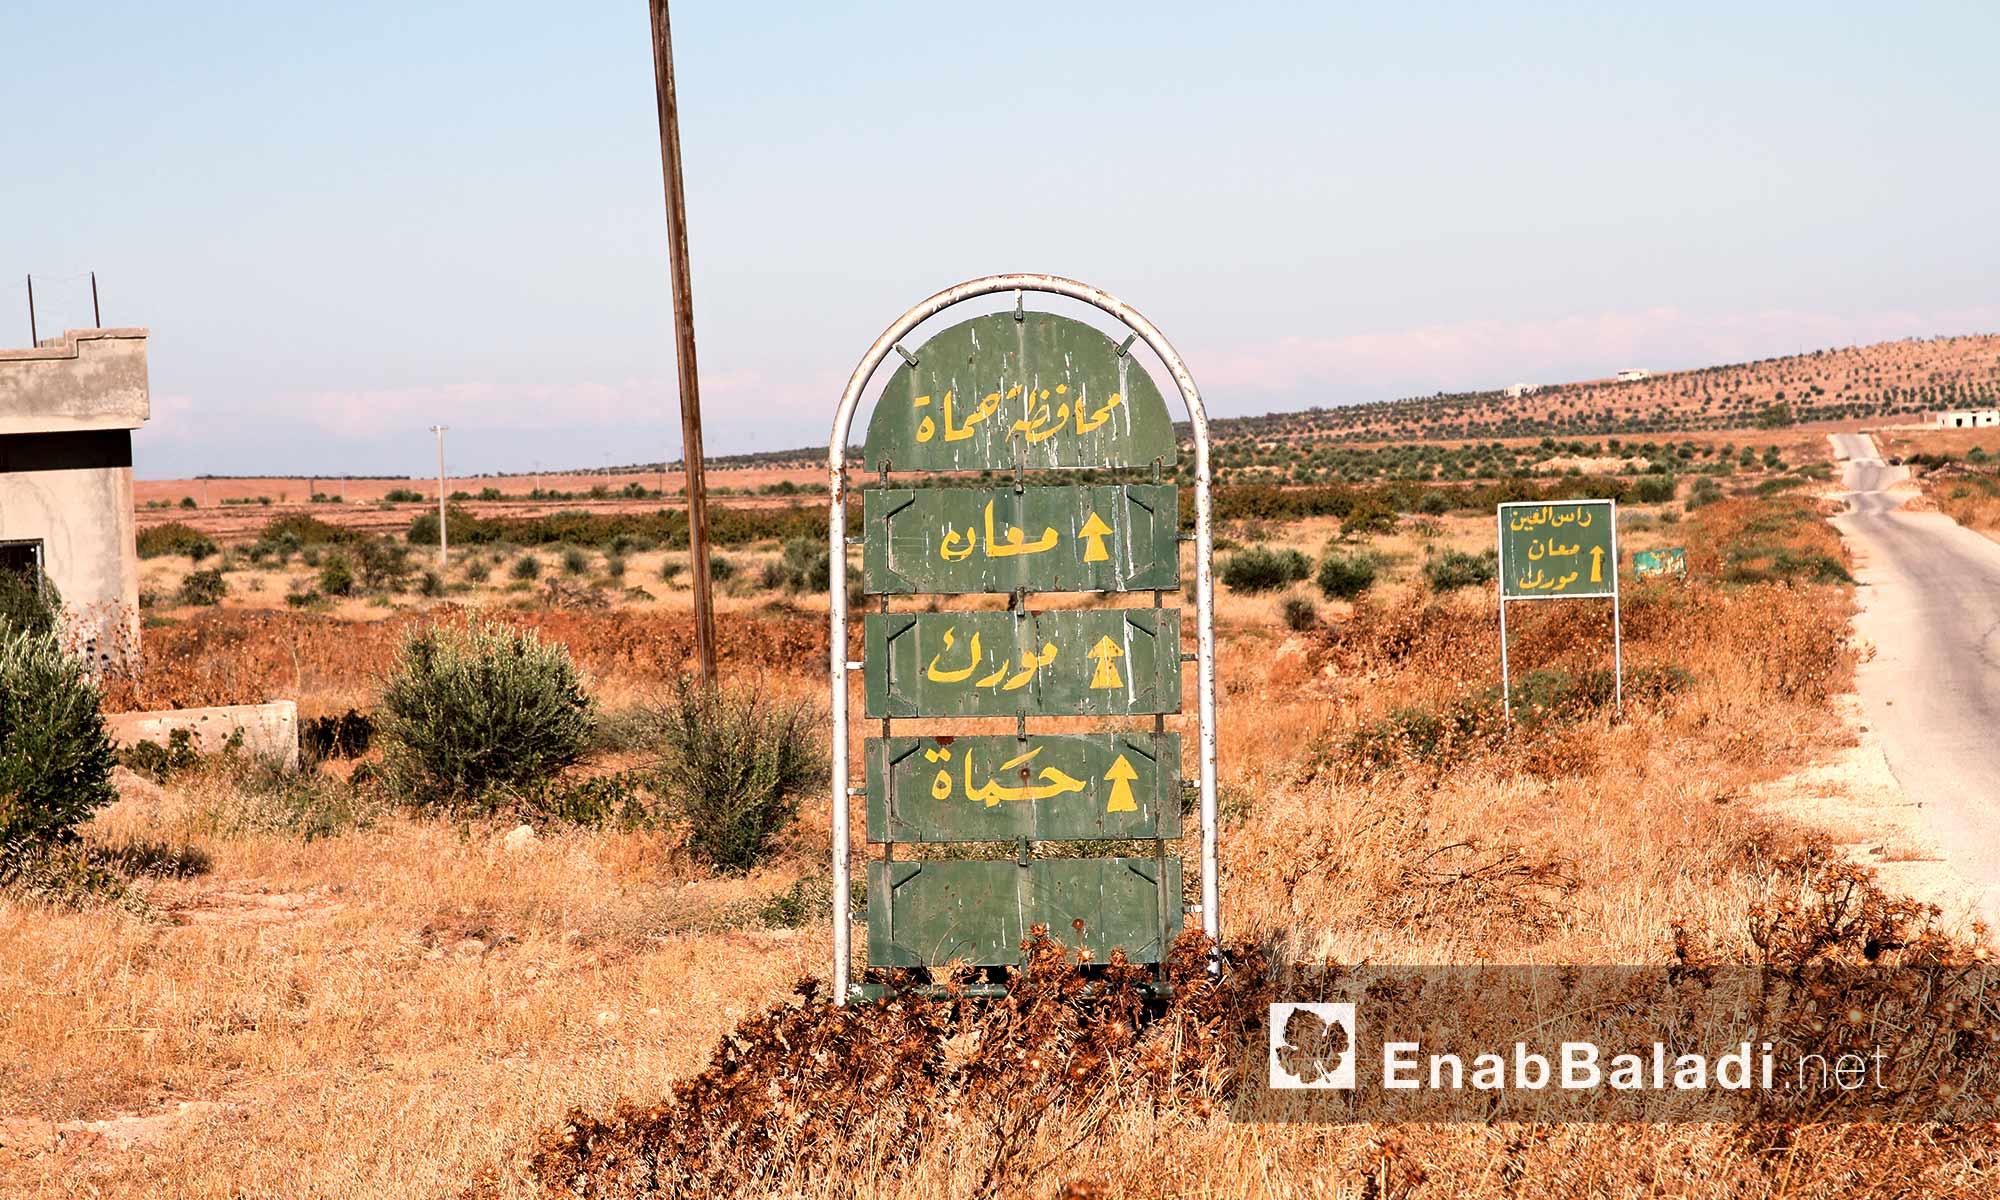 بعد سيطرة قوات المعارضة على قرية القاهرة والطليسية في ريف حماة - 28 أيلول 2016 (عنب بلدي)